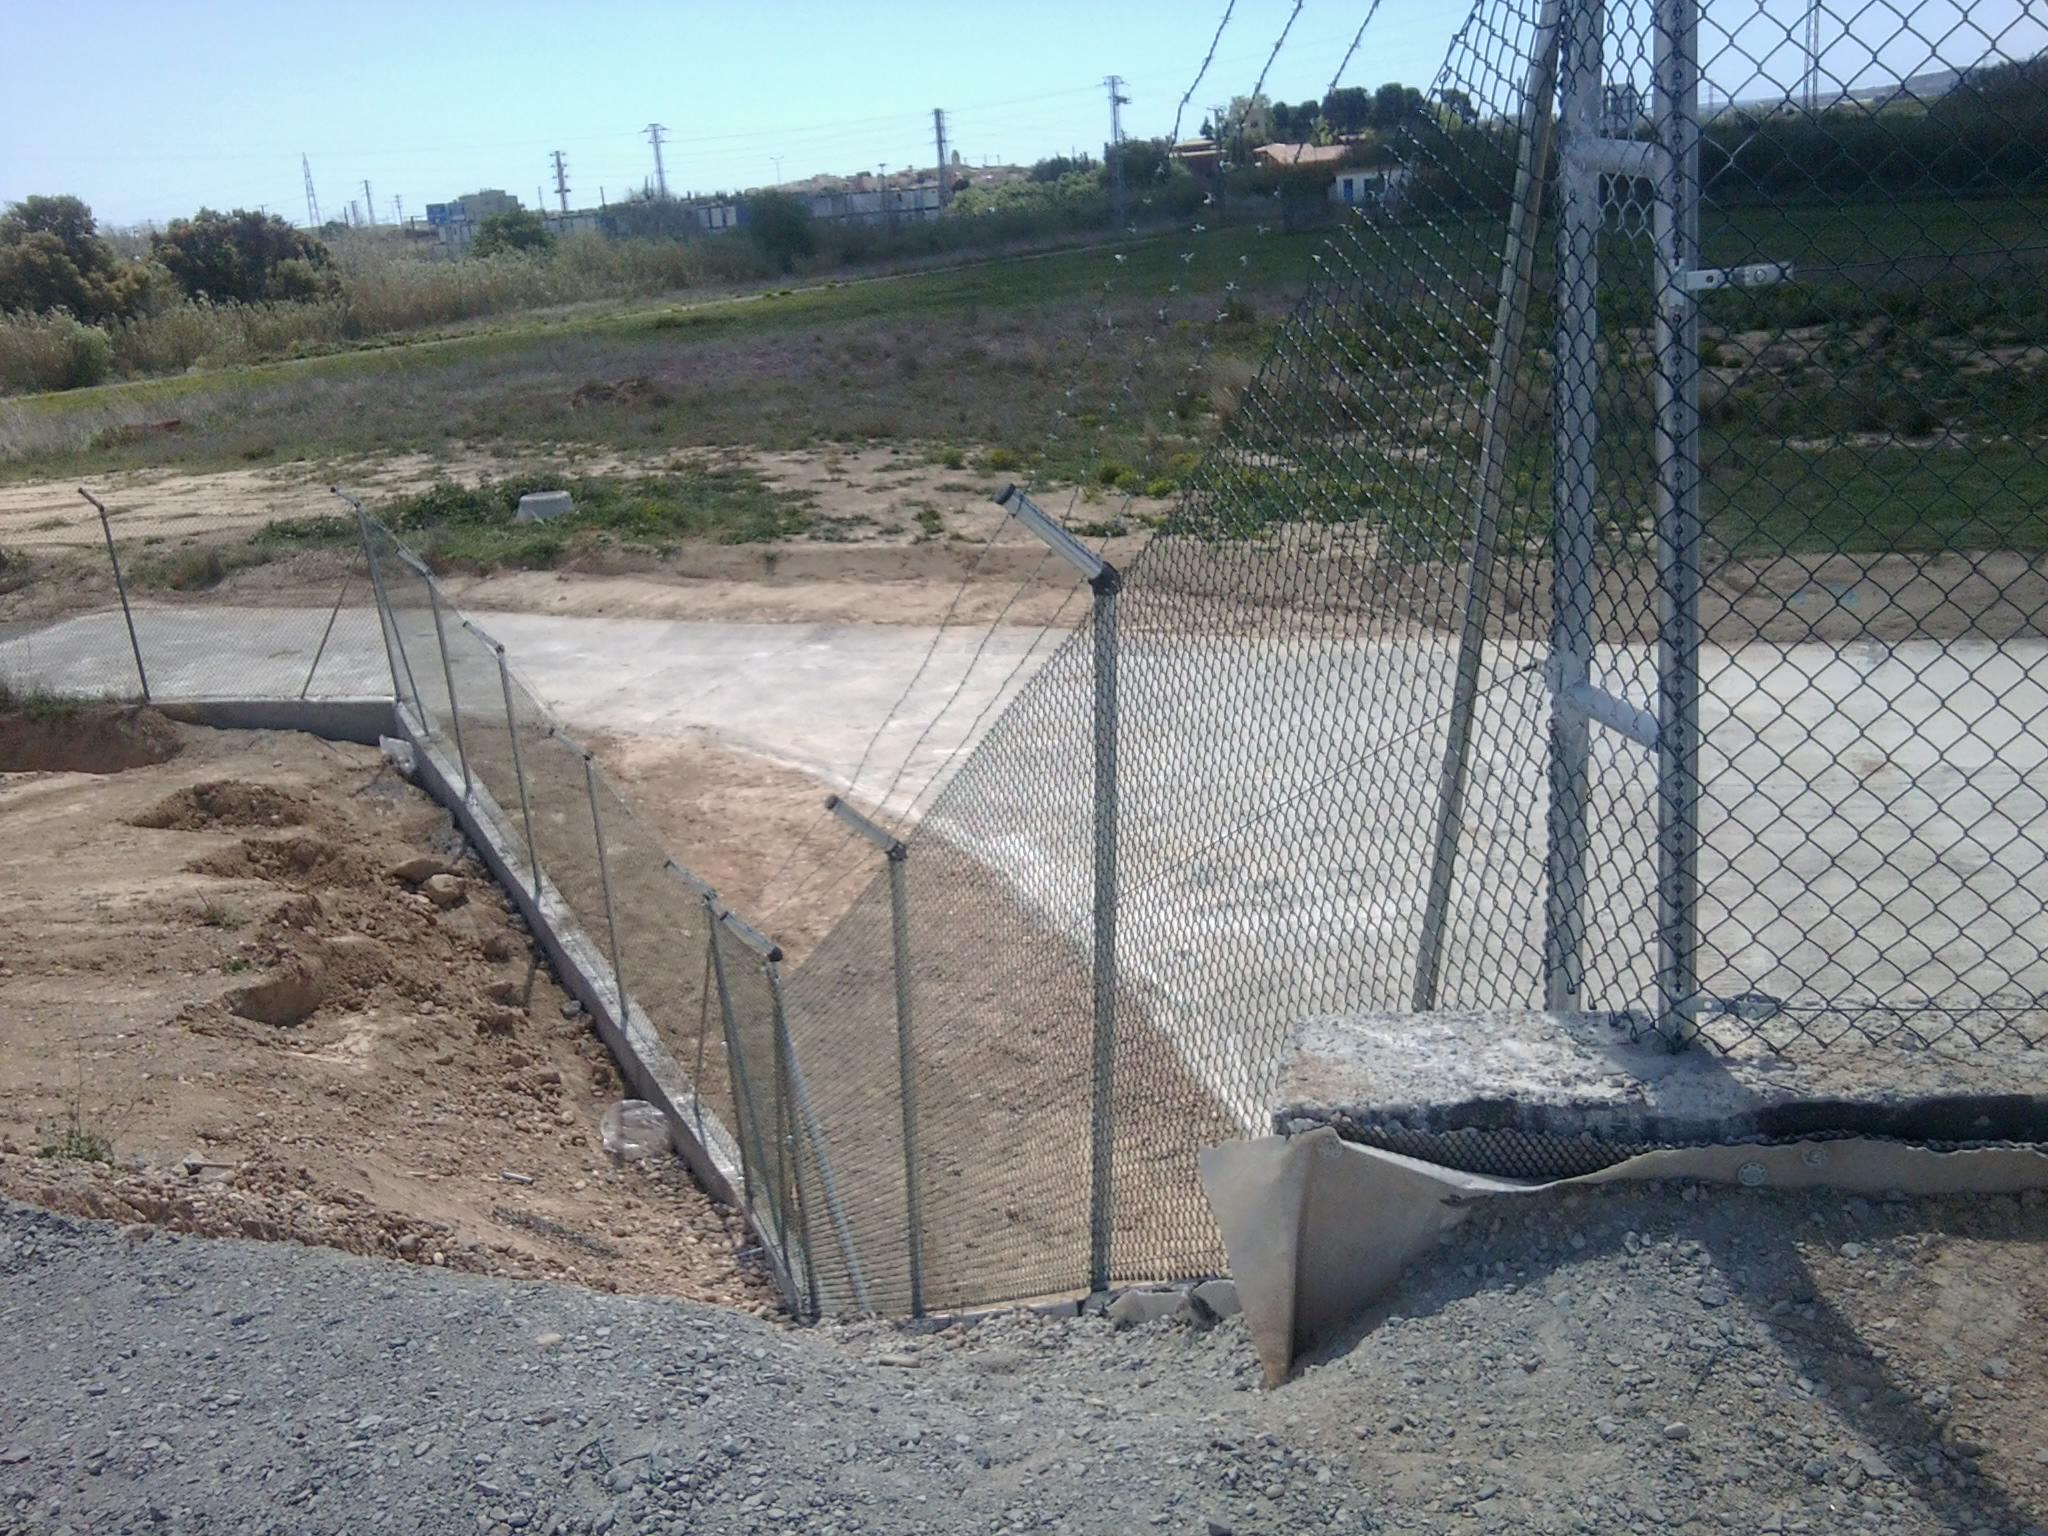 Vinuesa vallas cercados bricolaje vallas como montar - Vallar un terreno ...